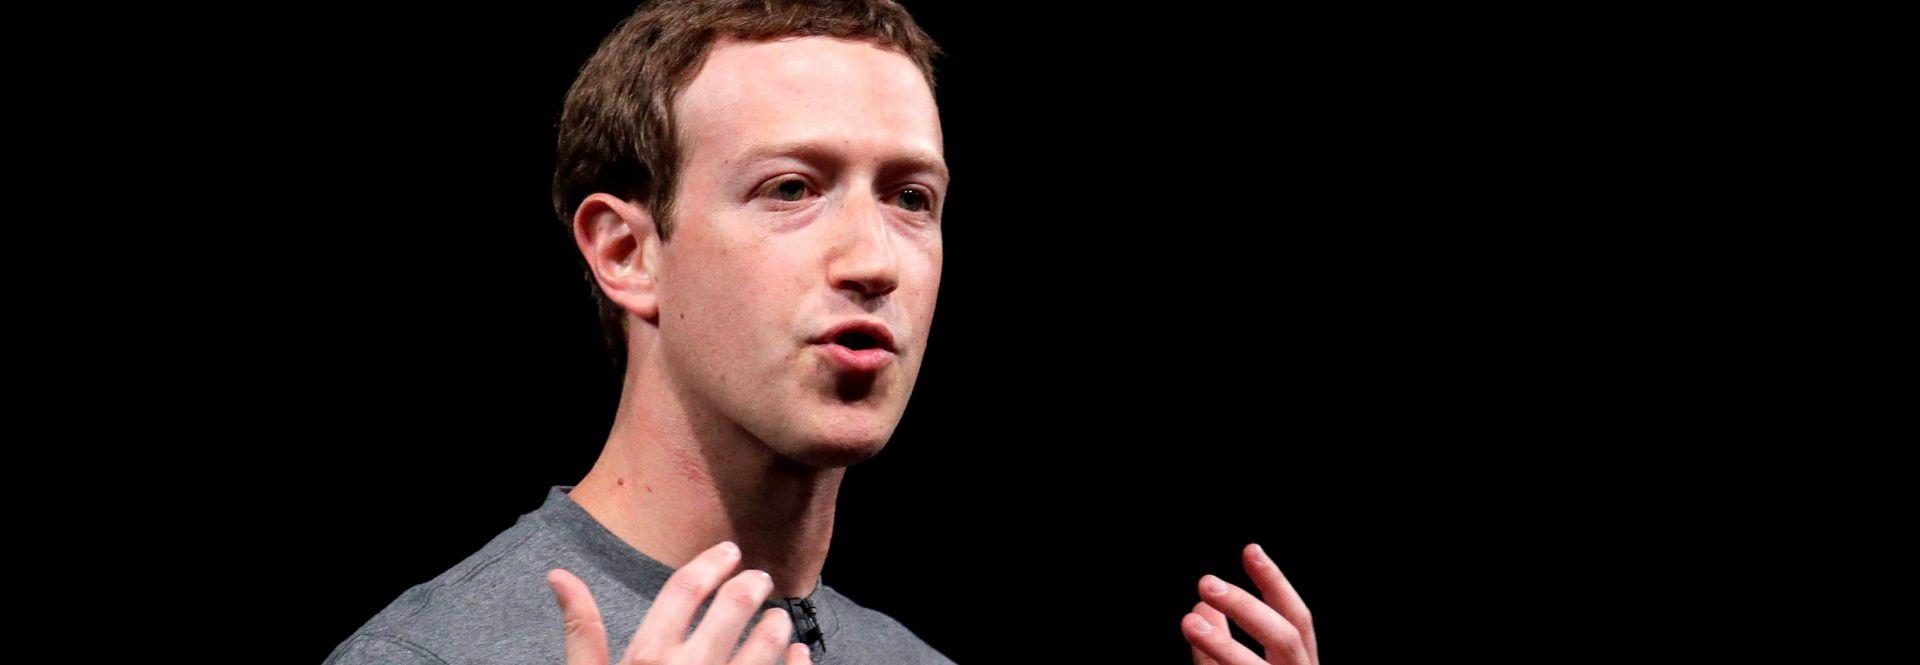 Marck Zuckerberg Facebook comparecerá en Congreso EEUU Efe